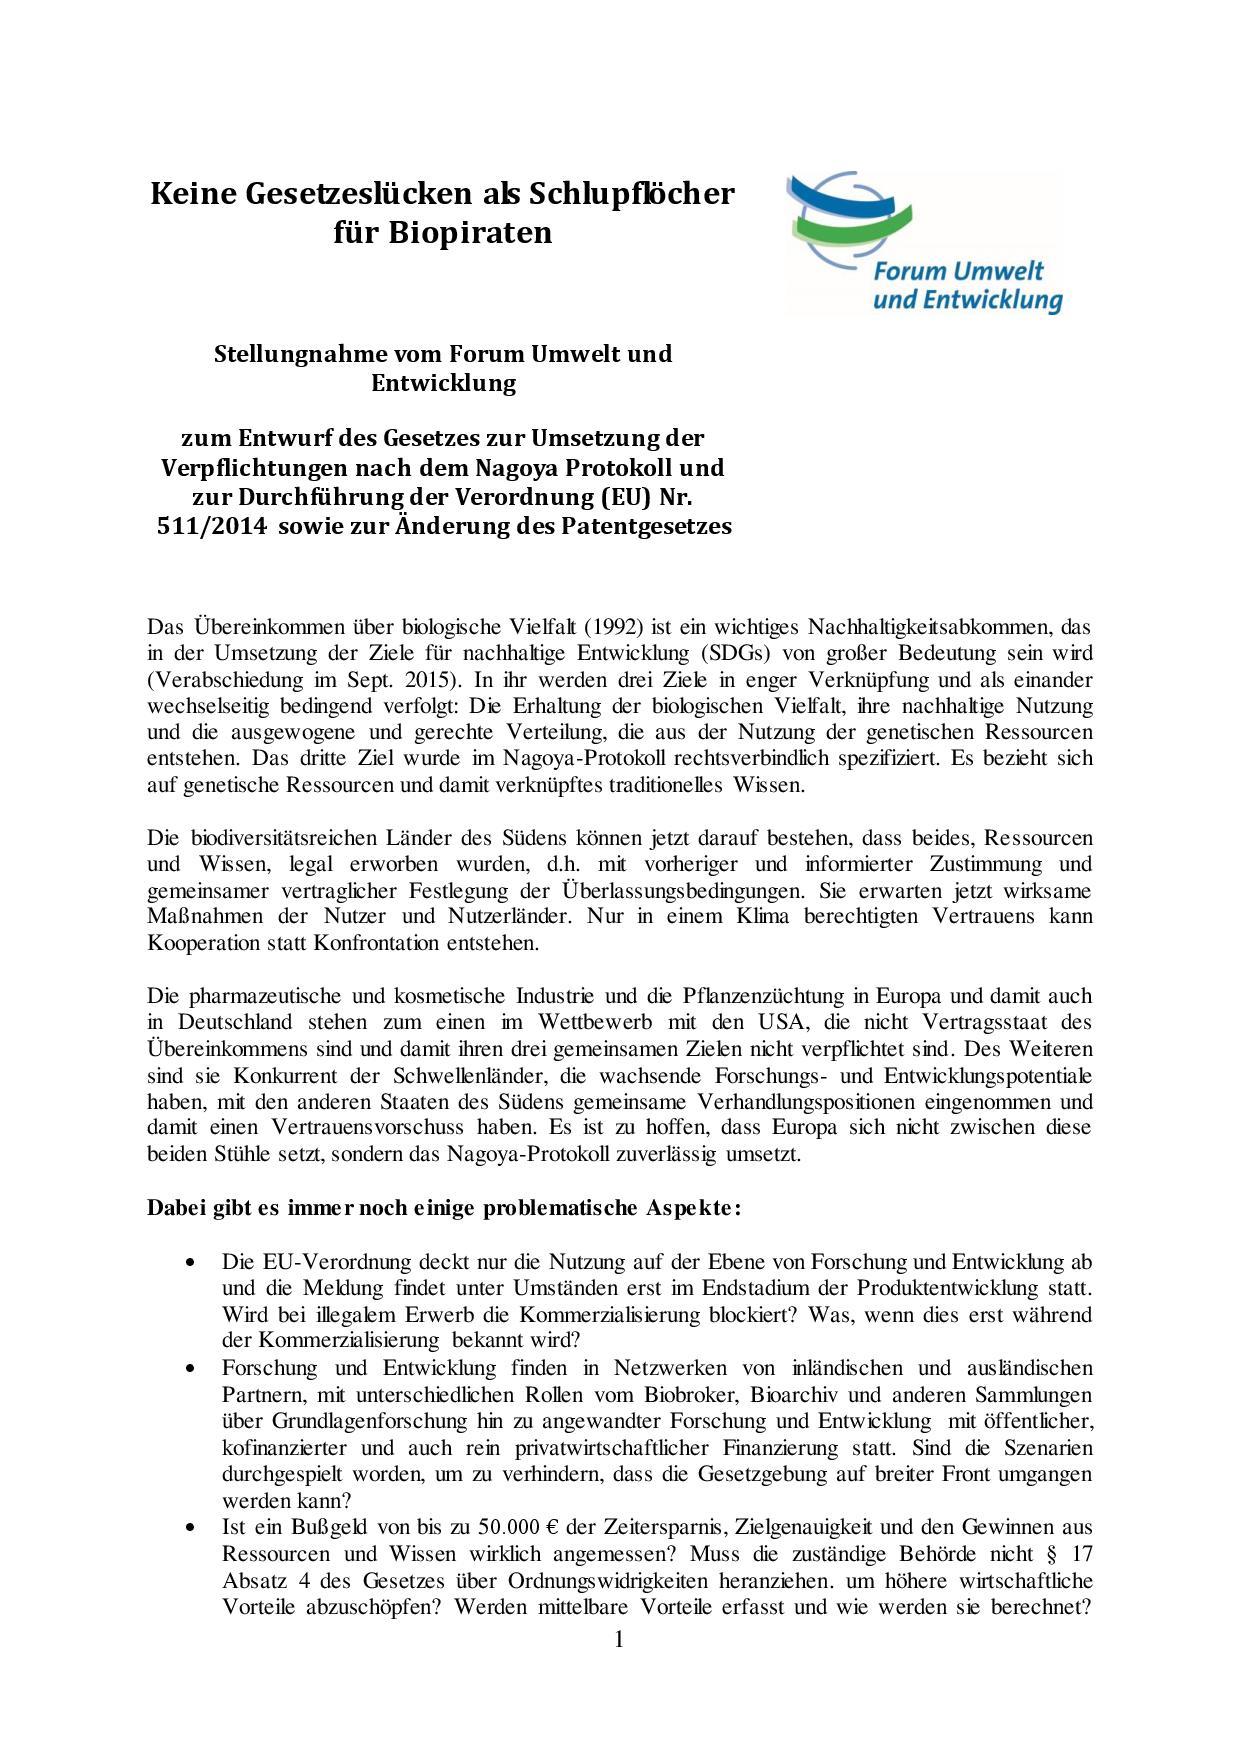 Nagoya Protokoll Stellungnahme Forum Umwelt und Entwicklung-page-001